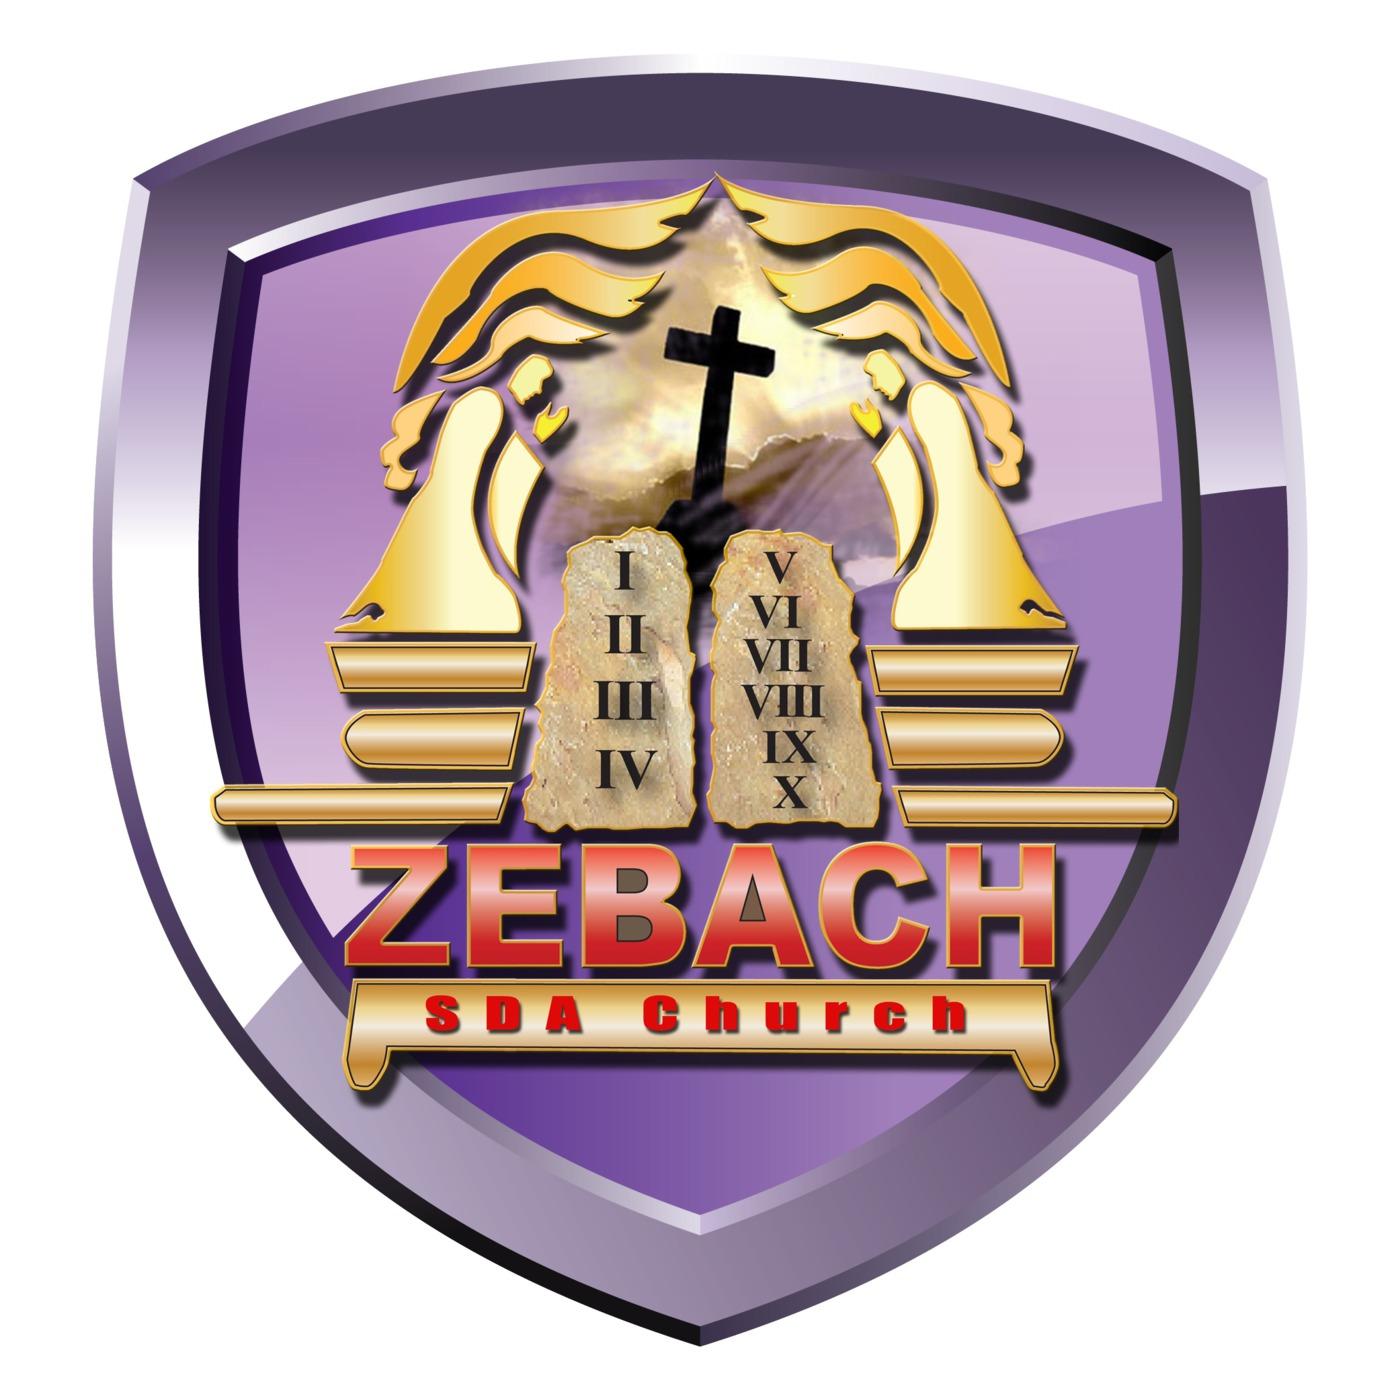 Zebach SDA's Podcast